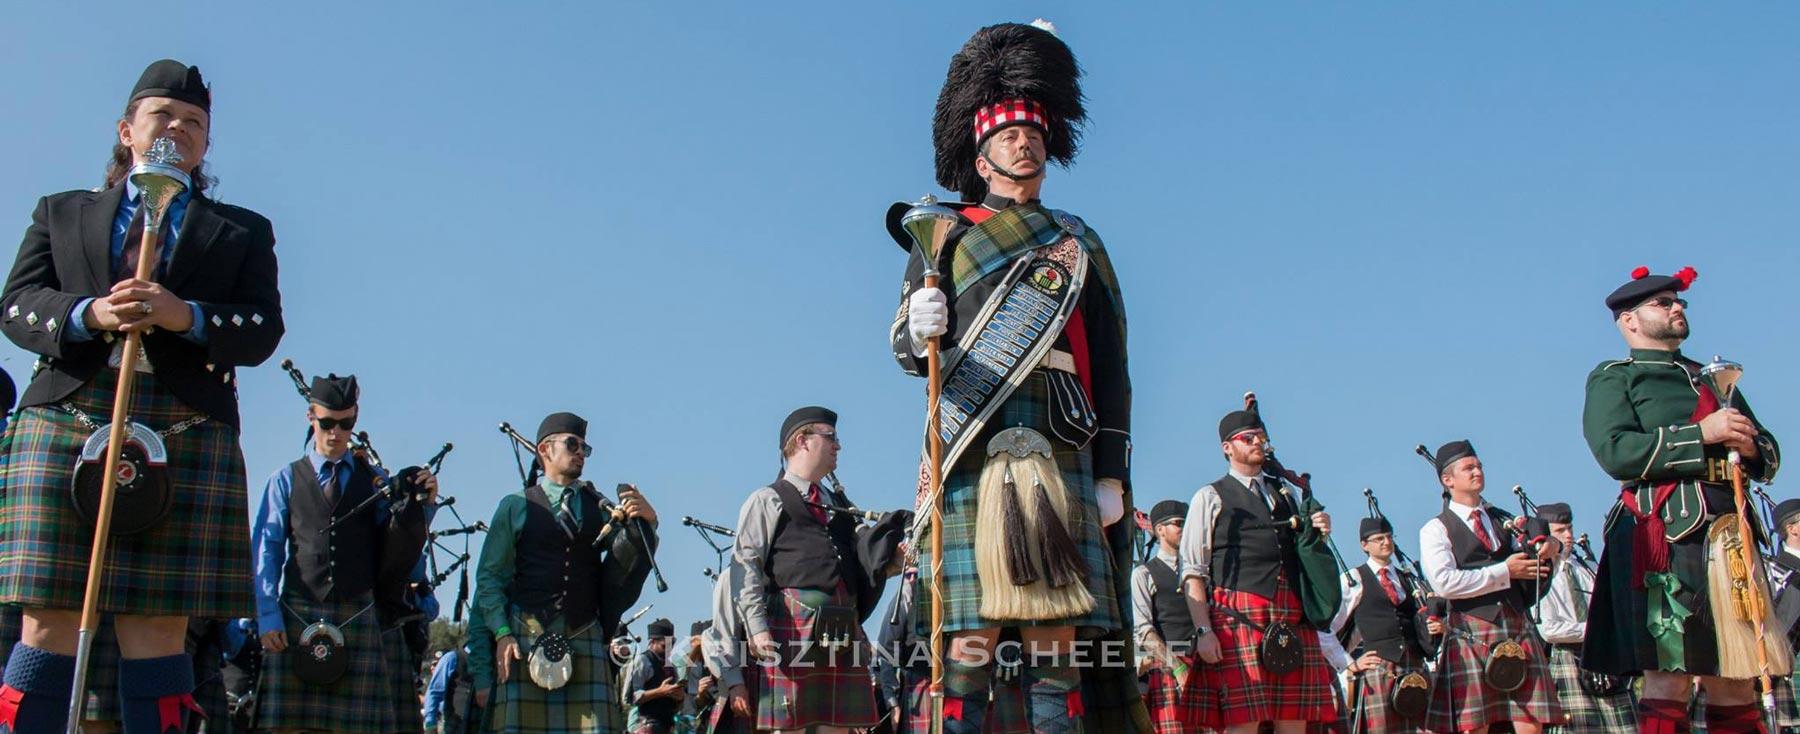 San Diego Scottish Highland Games